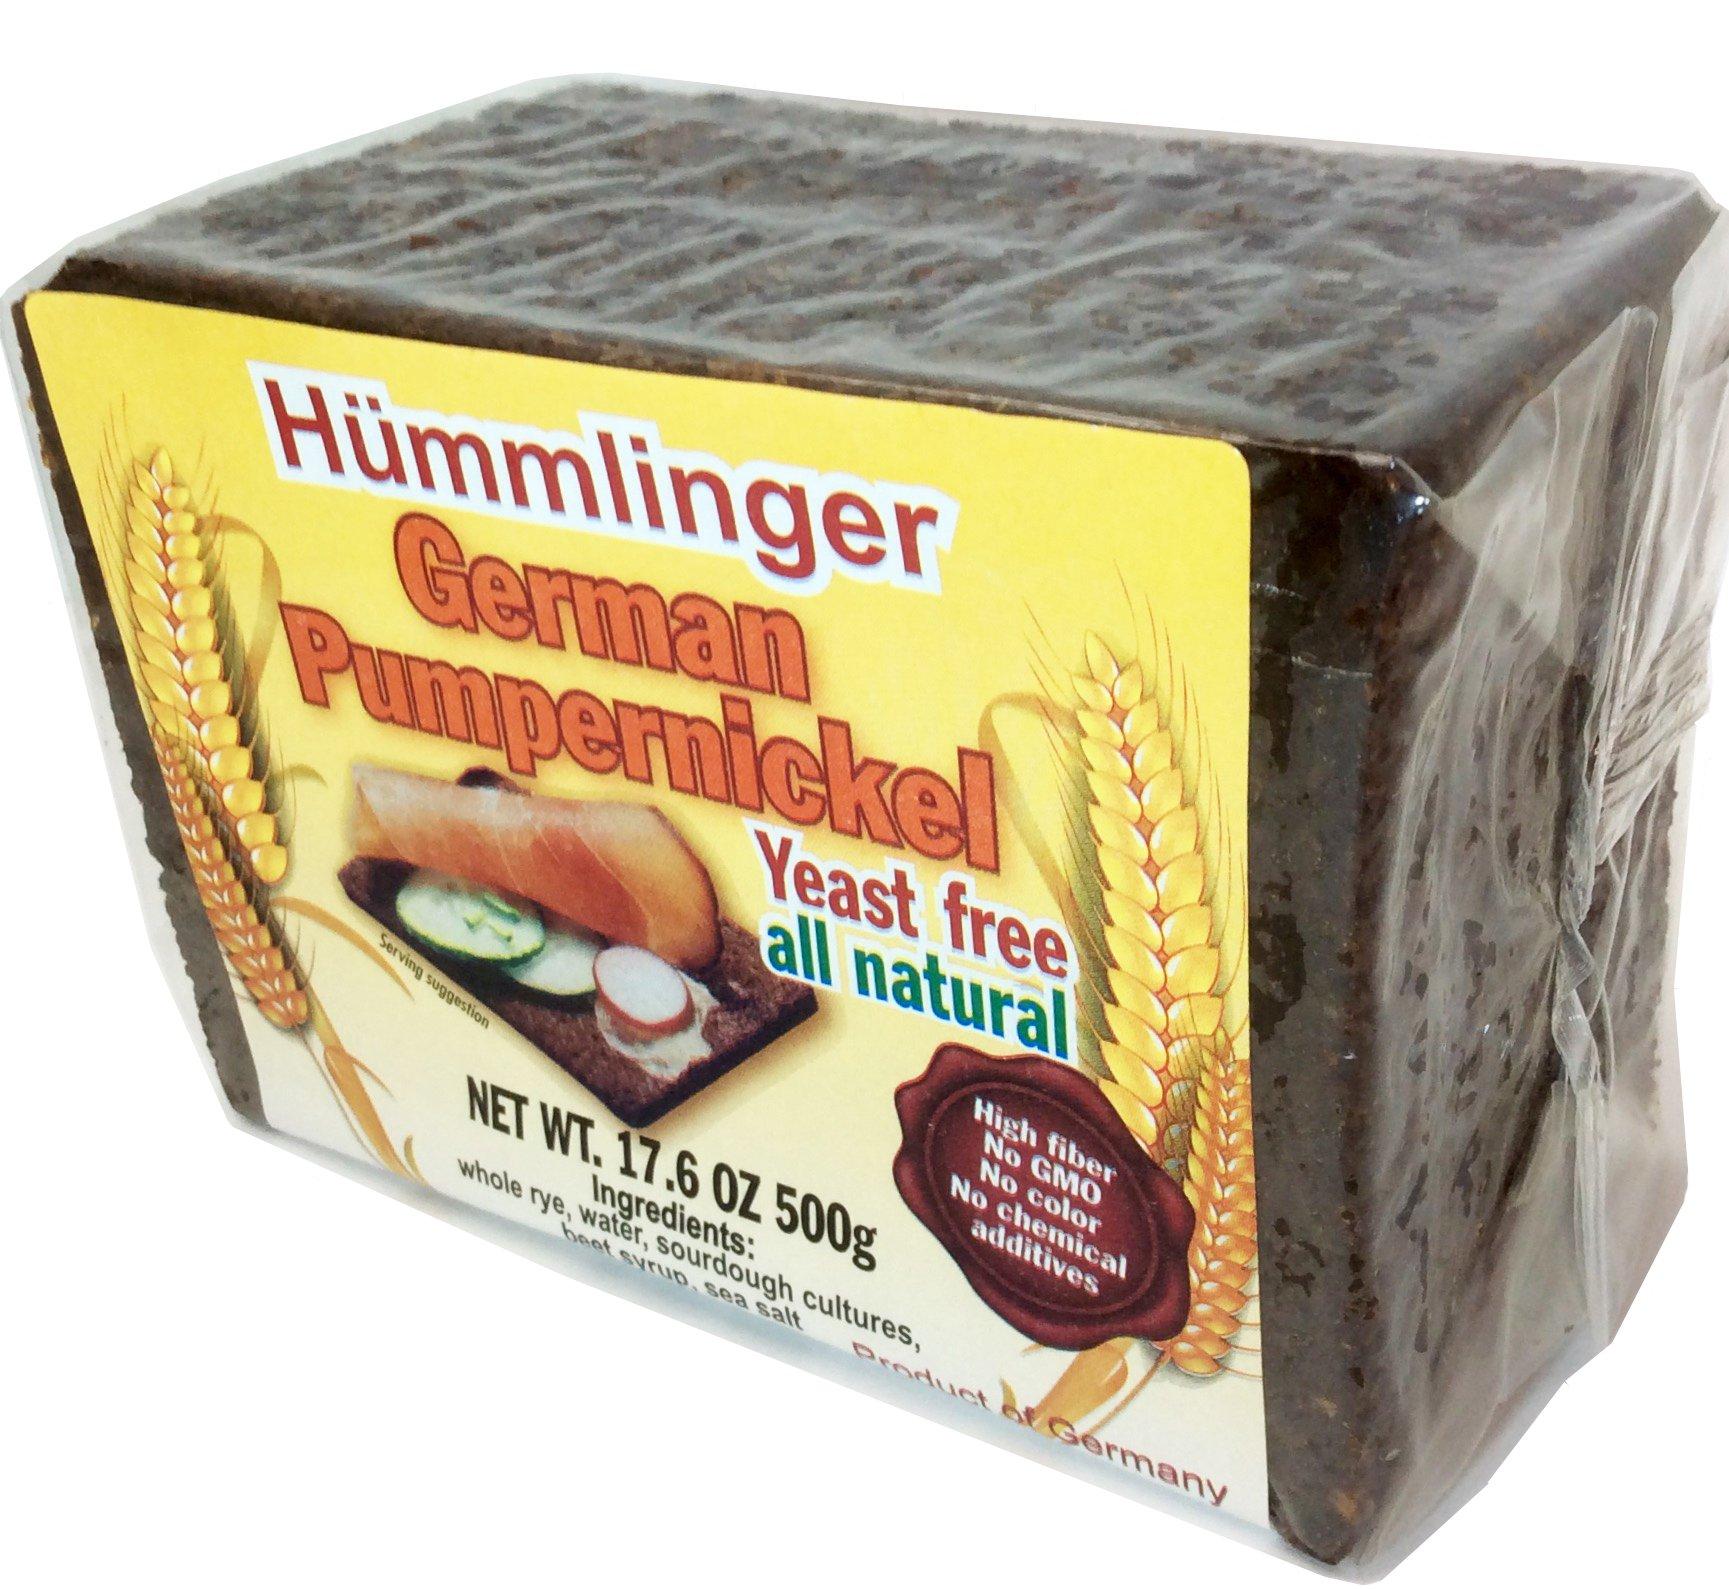 Hummlinger Yeast Free German Pumpernickel Bread, GMO FREE 17.6oz (6 packs)